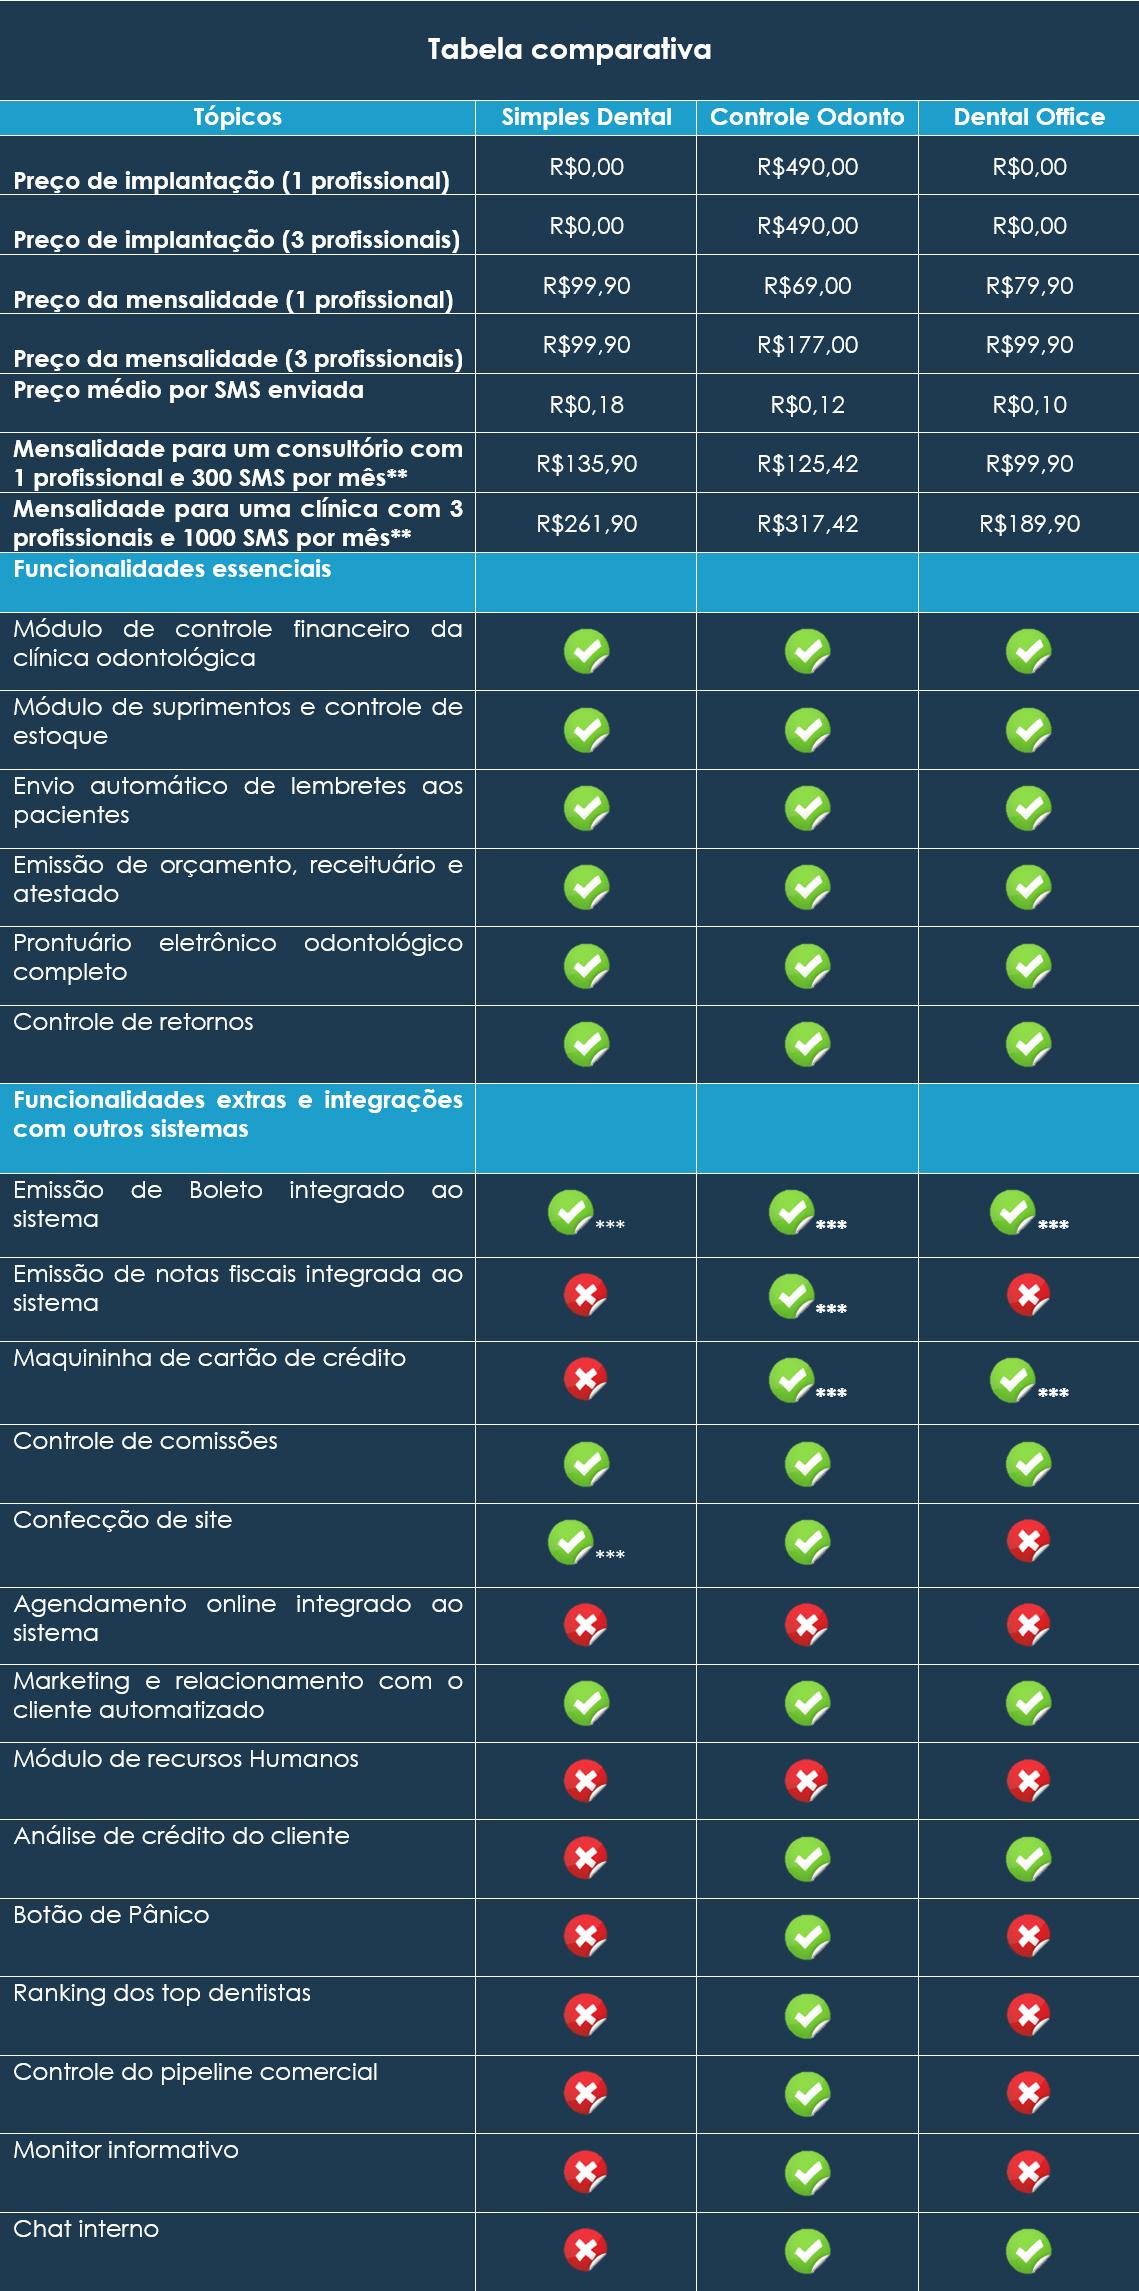 Tabela comparativa dos 3 melhores softwares odontológicos